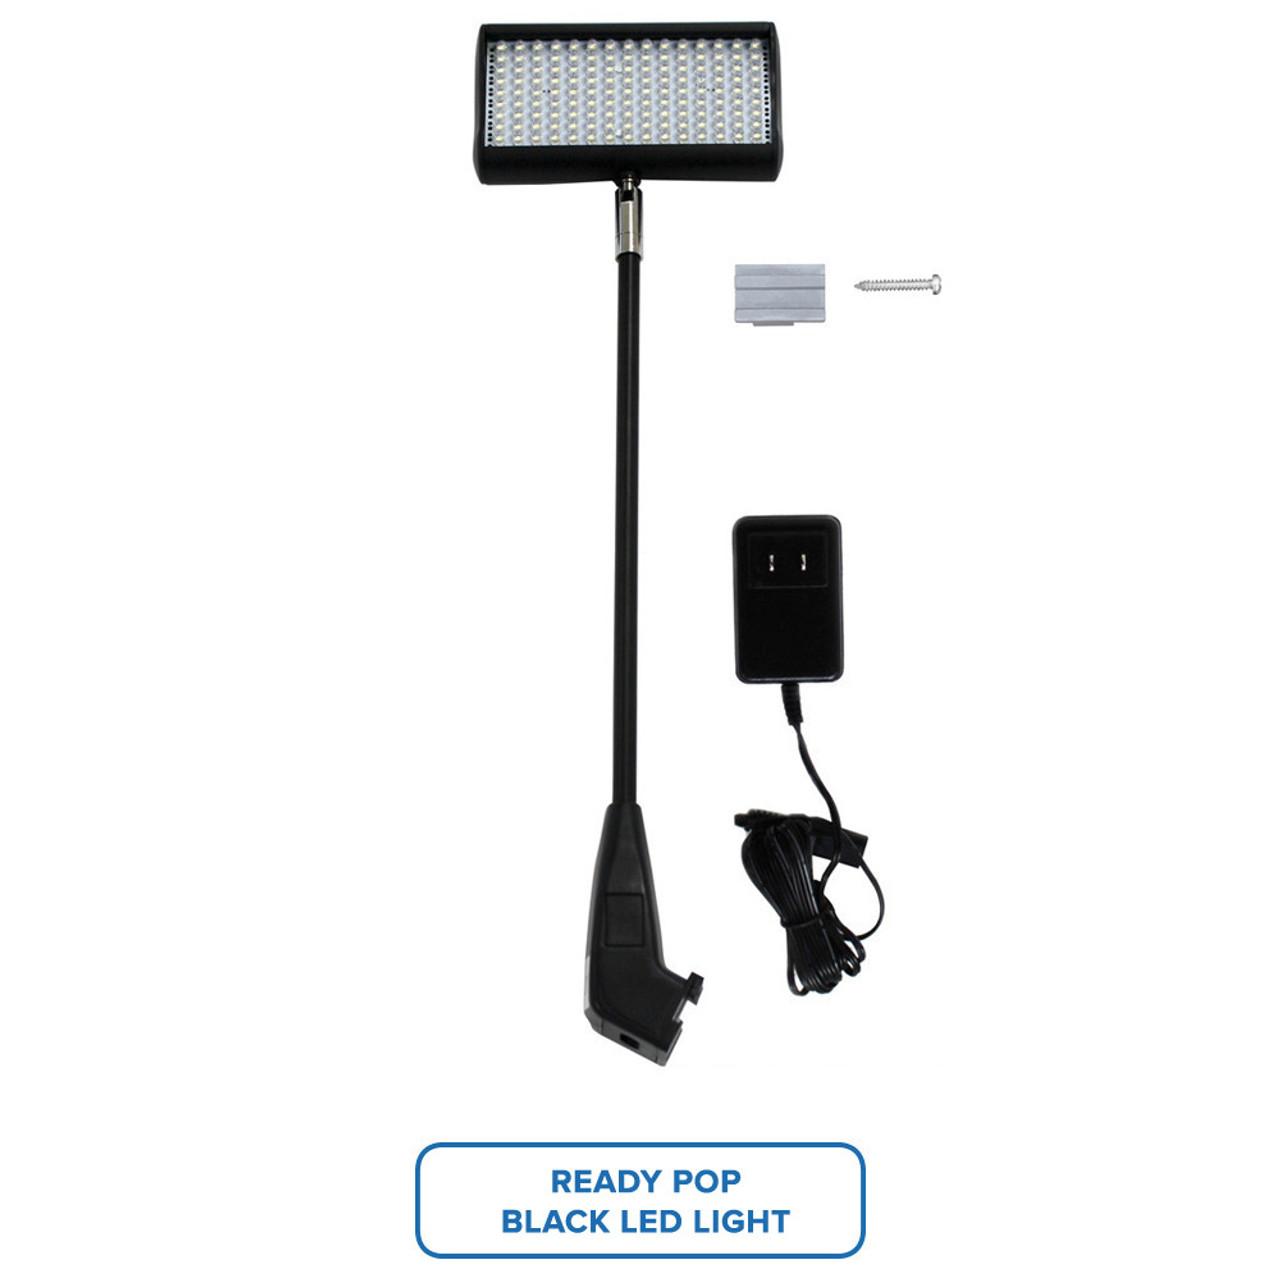 Black LED light RPL